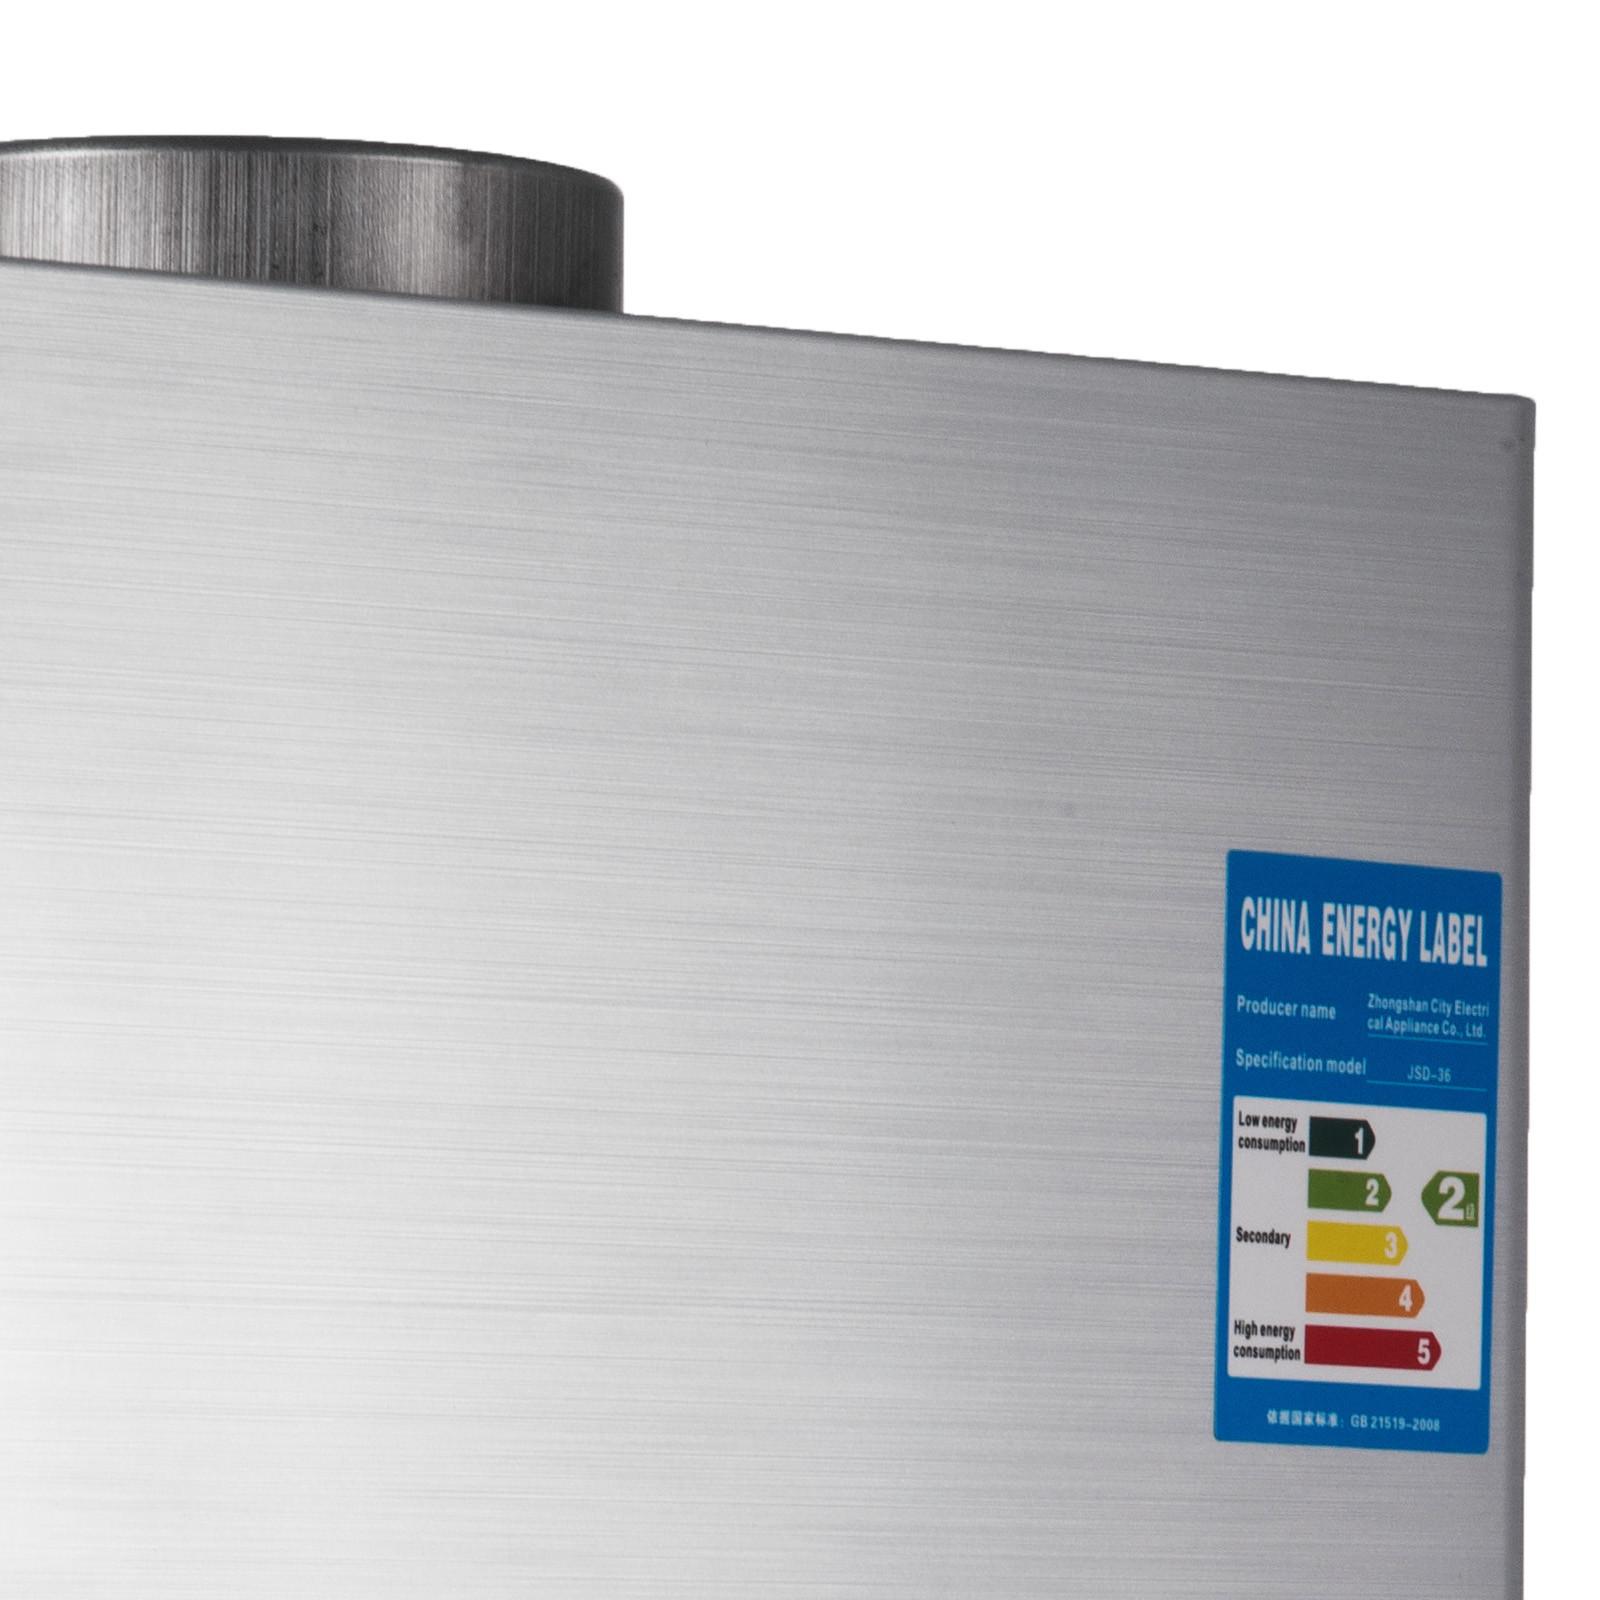 Propangas-Gas-Durchlauferhitzer-Warmwasserbereiter-Boiler-Warmwasserspeicher Indexbild 79